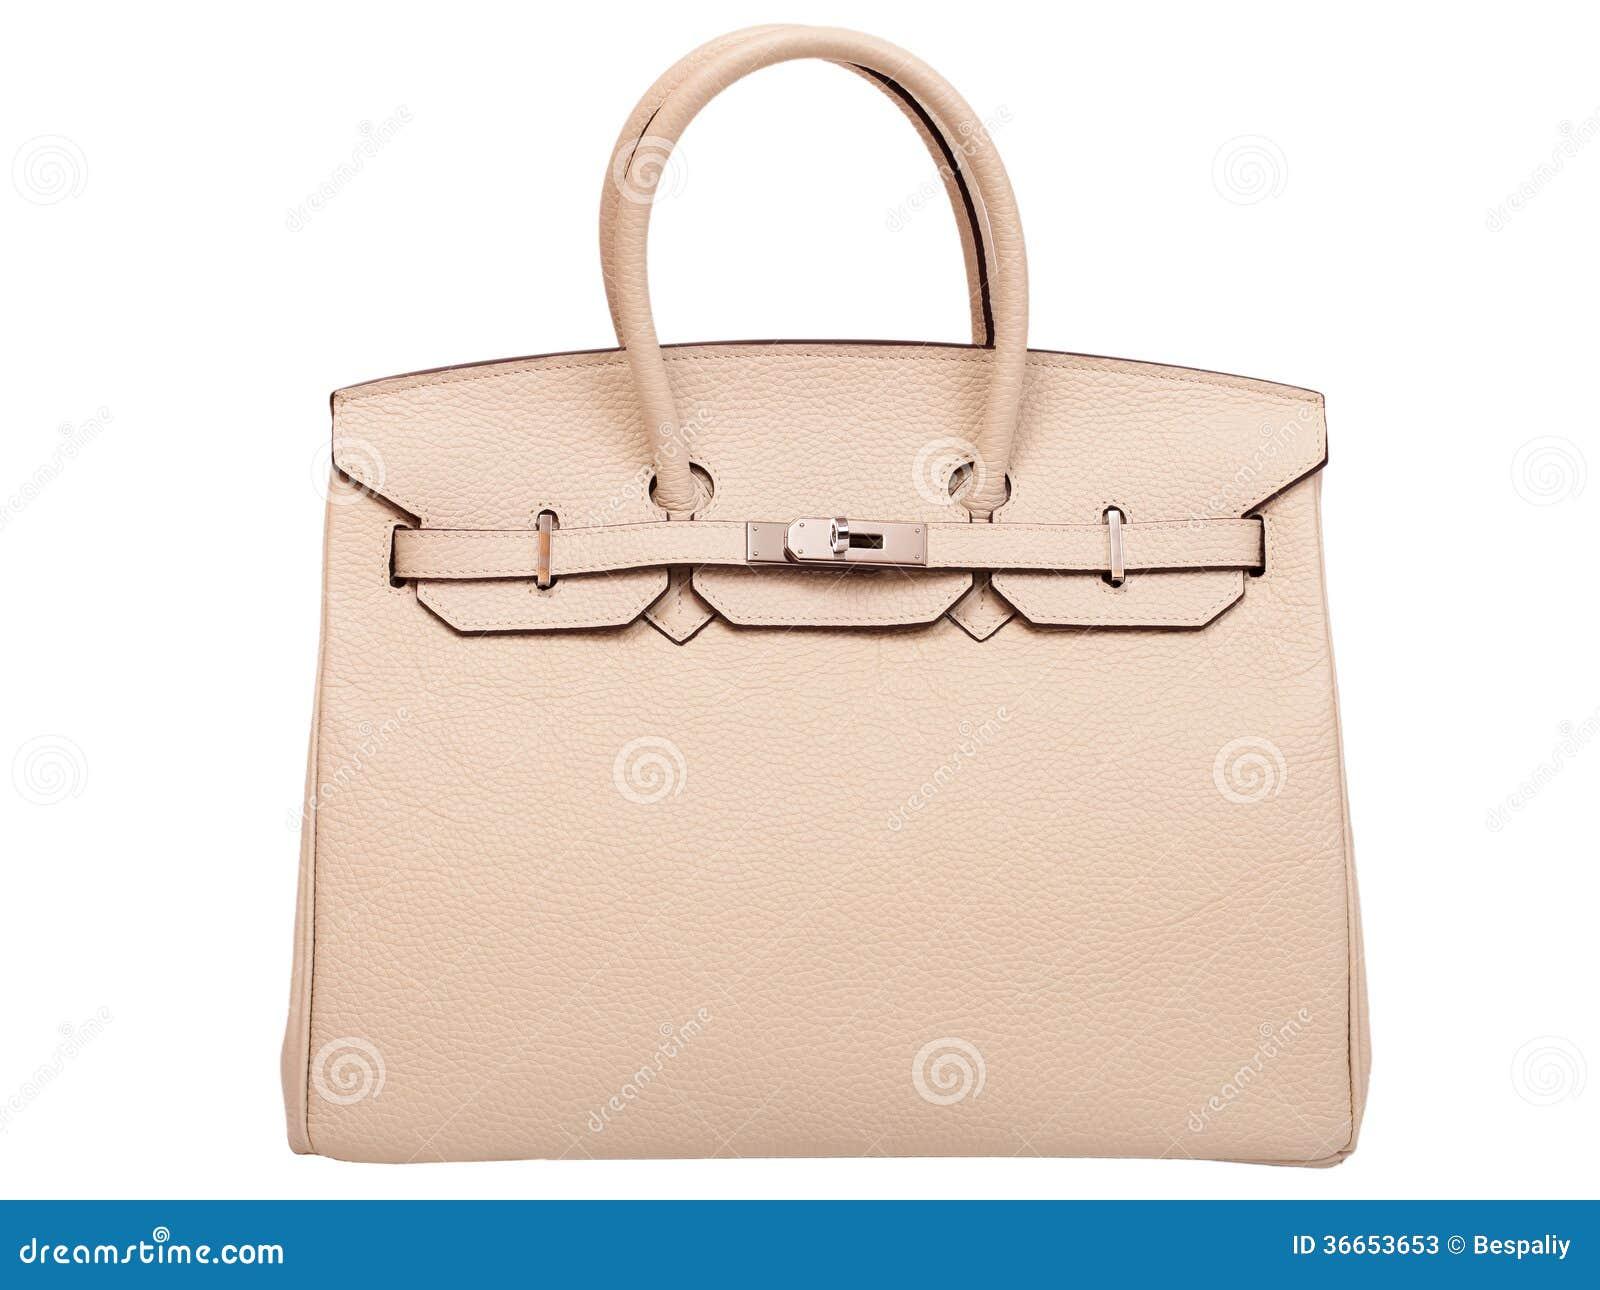 皮革女性提包。